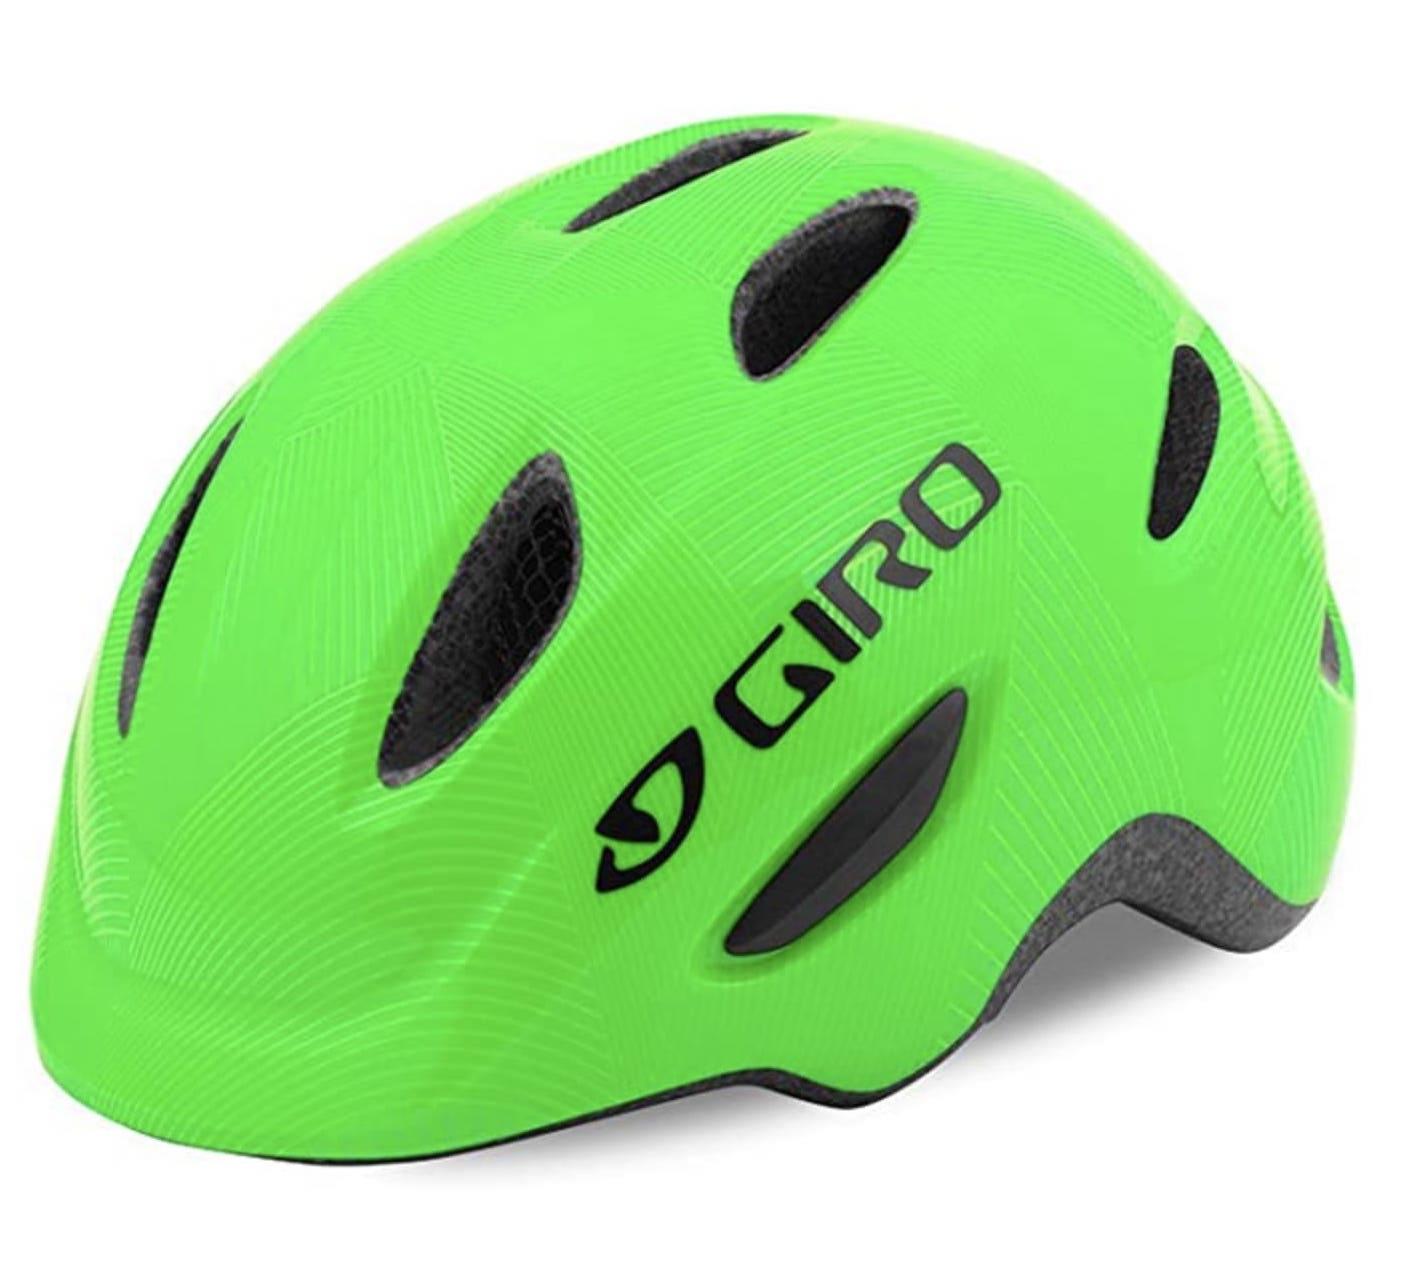 casco para niños verde Giro Scamp